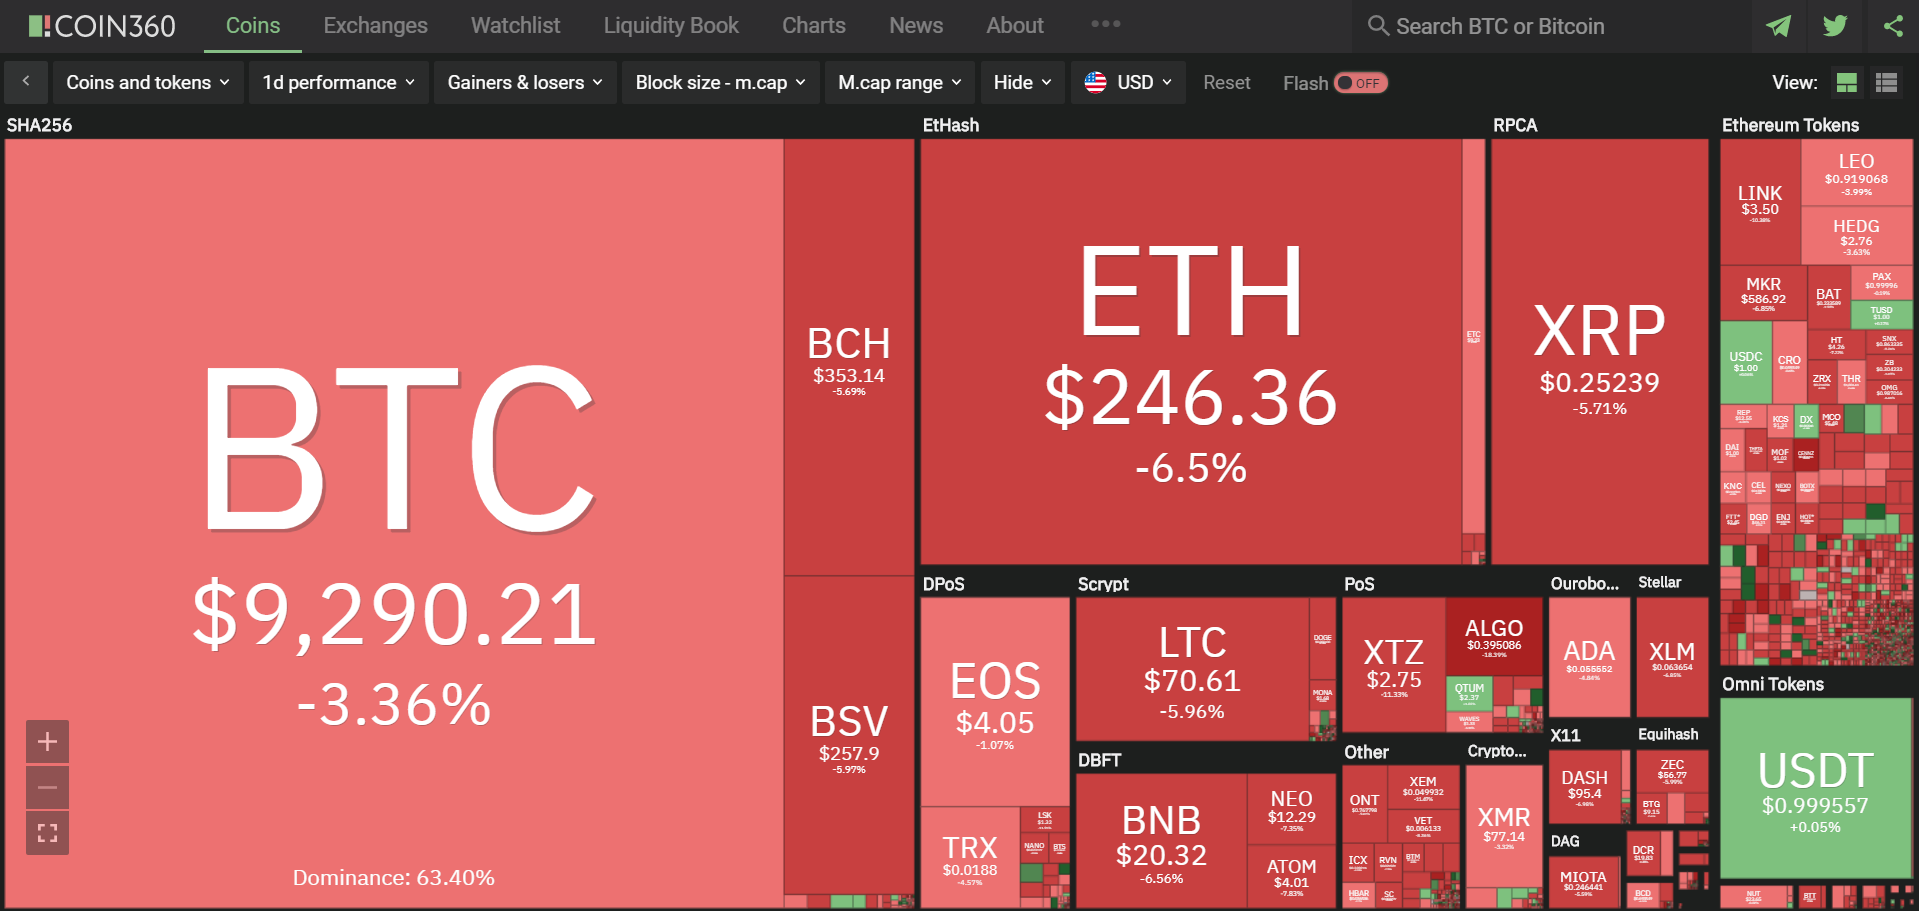 Toàn cảnh thị trường tiền kĩ thuật số hôm nay (26/2) (Nguồn: Coin360.com)